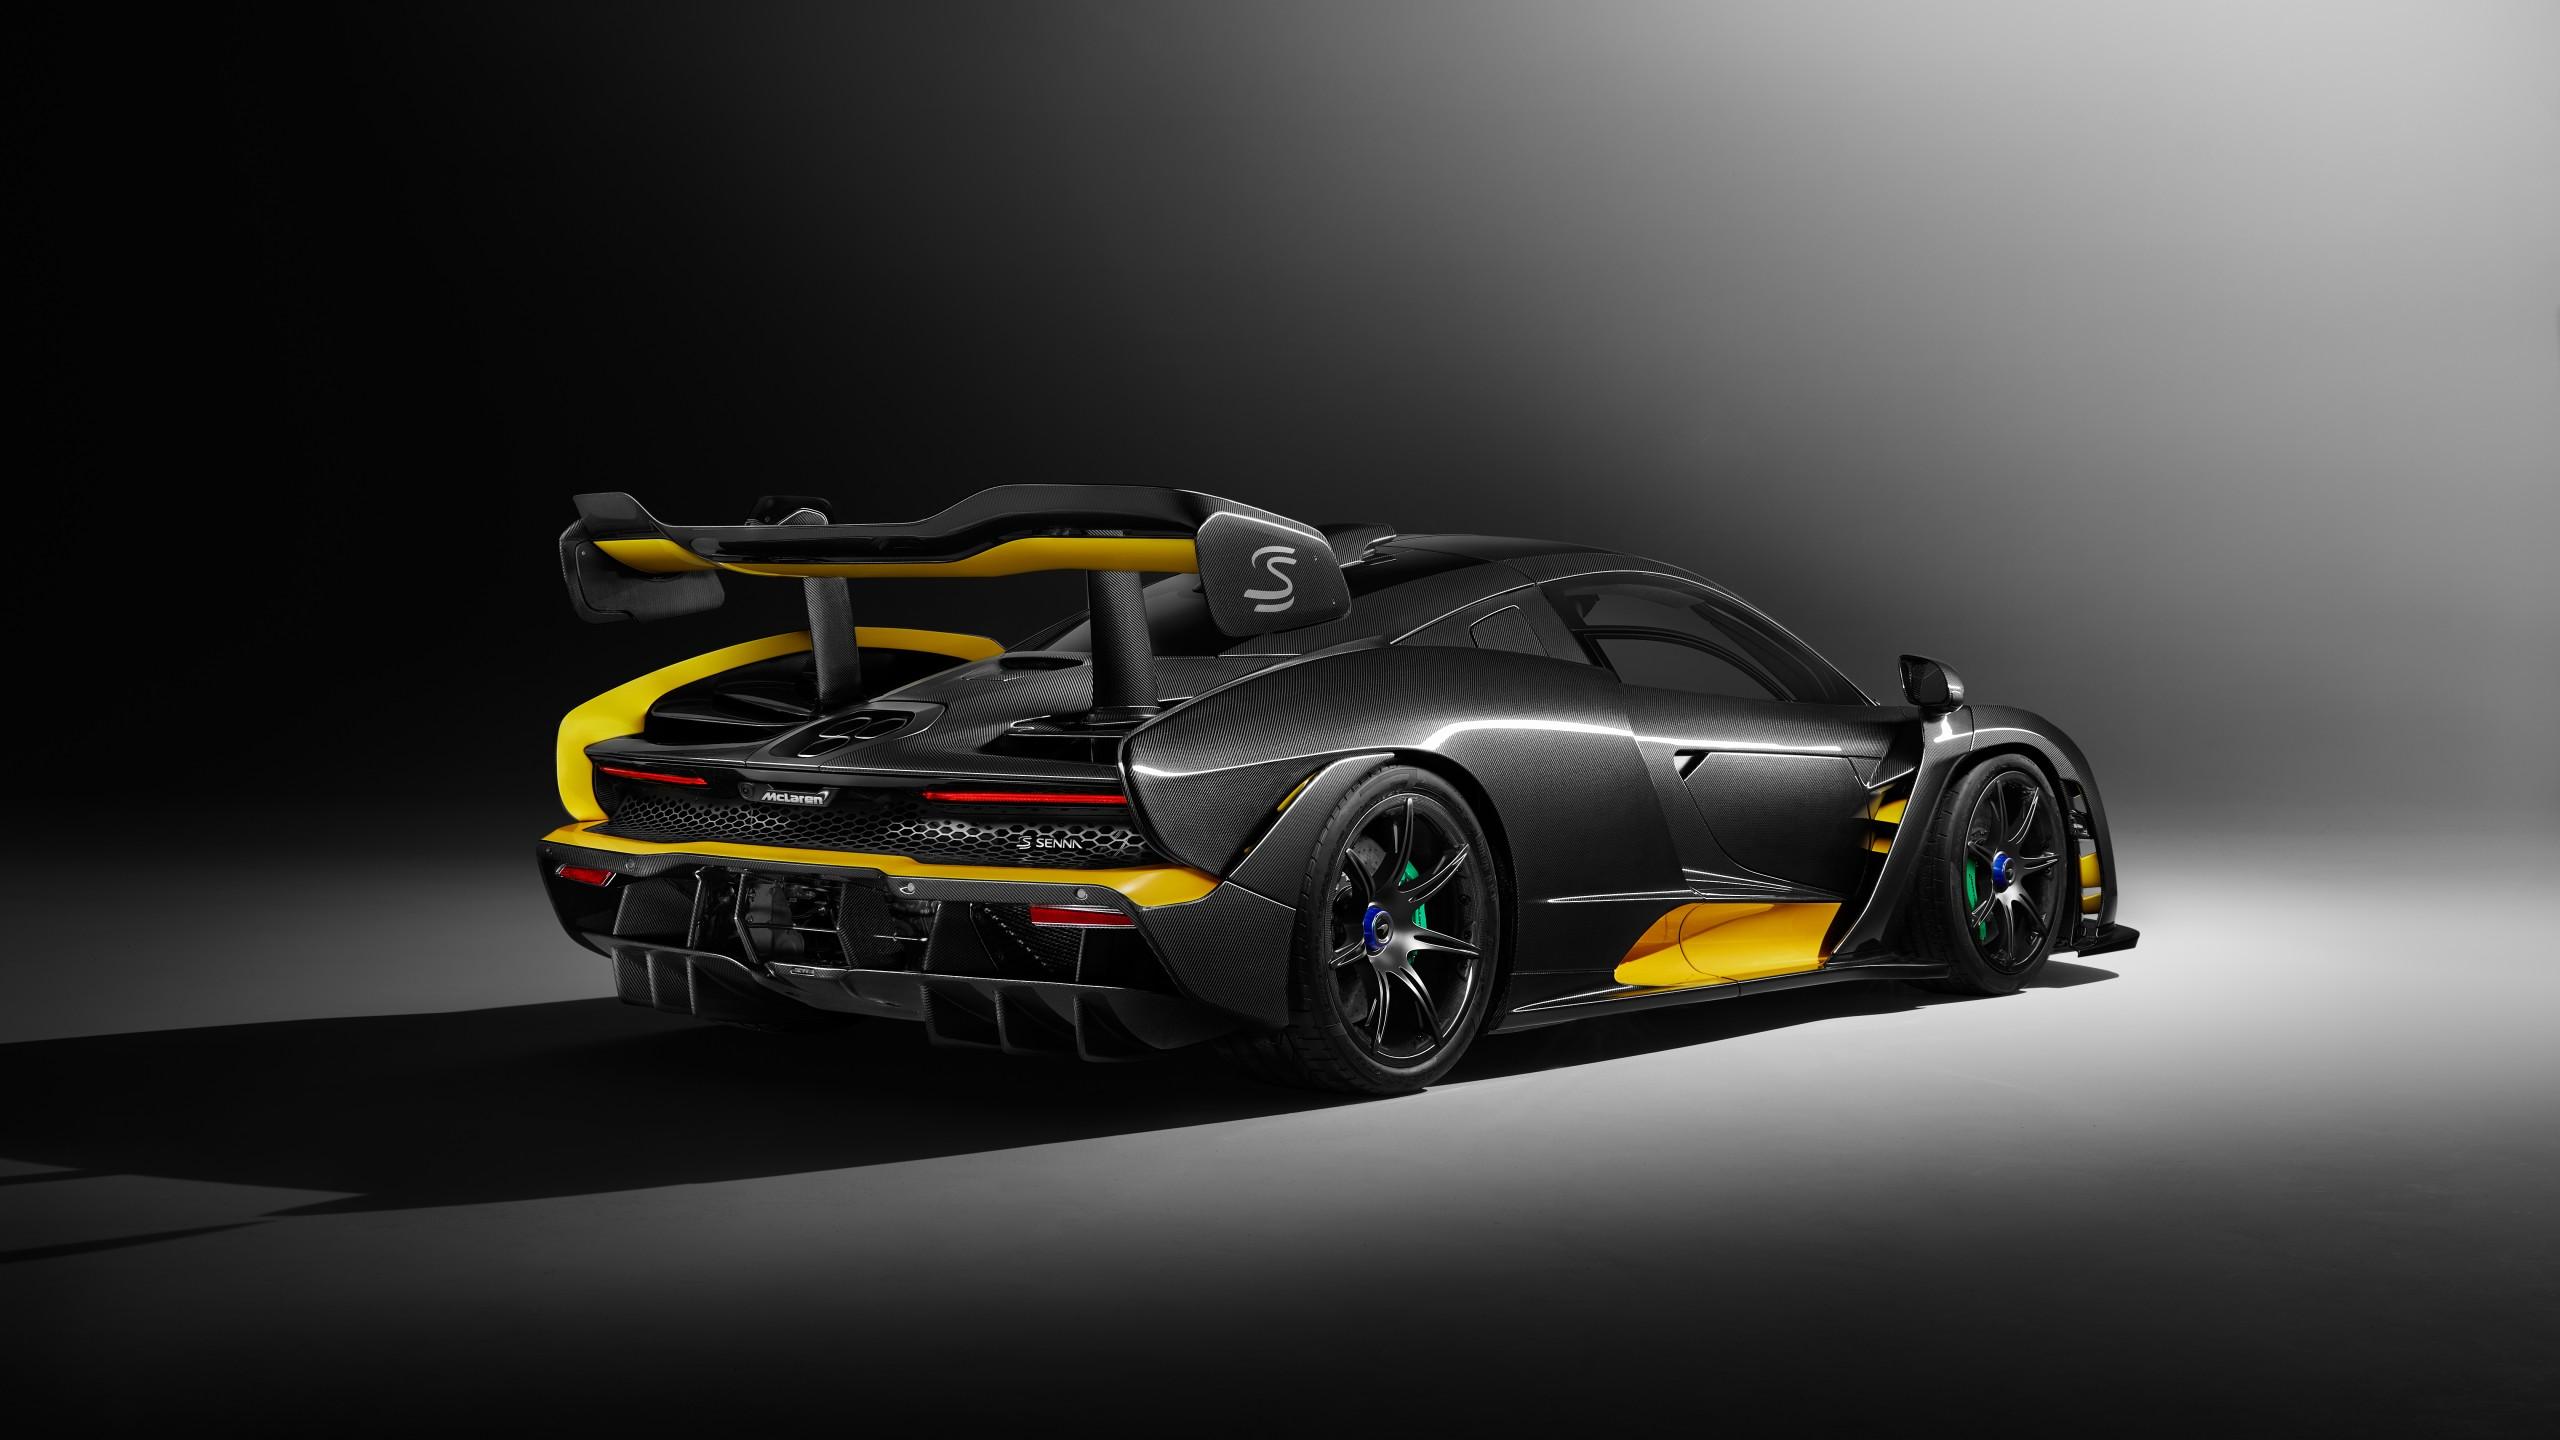 2019 McLaren Senna Carbon Theme by MSO 5K 2 Wallpaper | HD ...